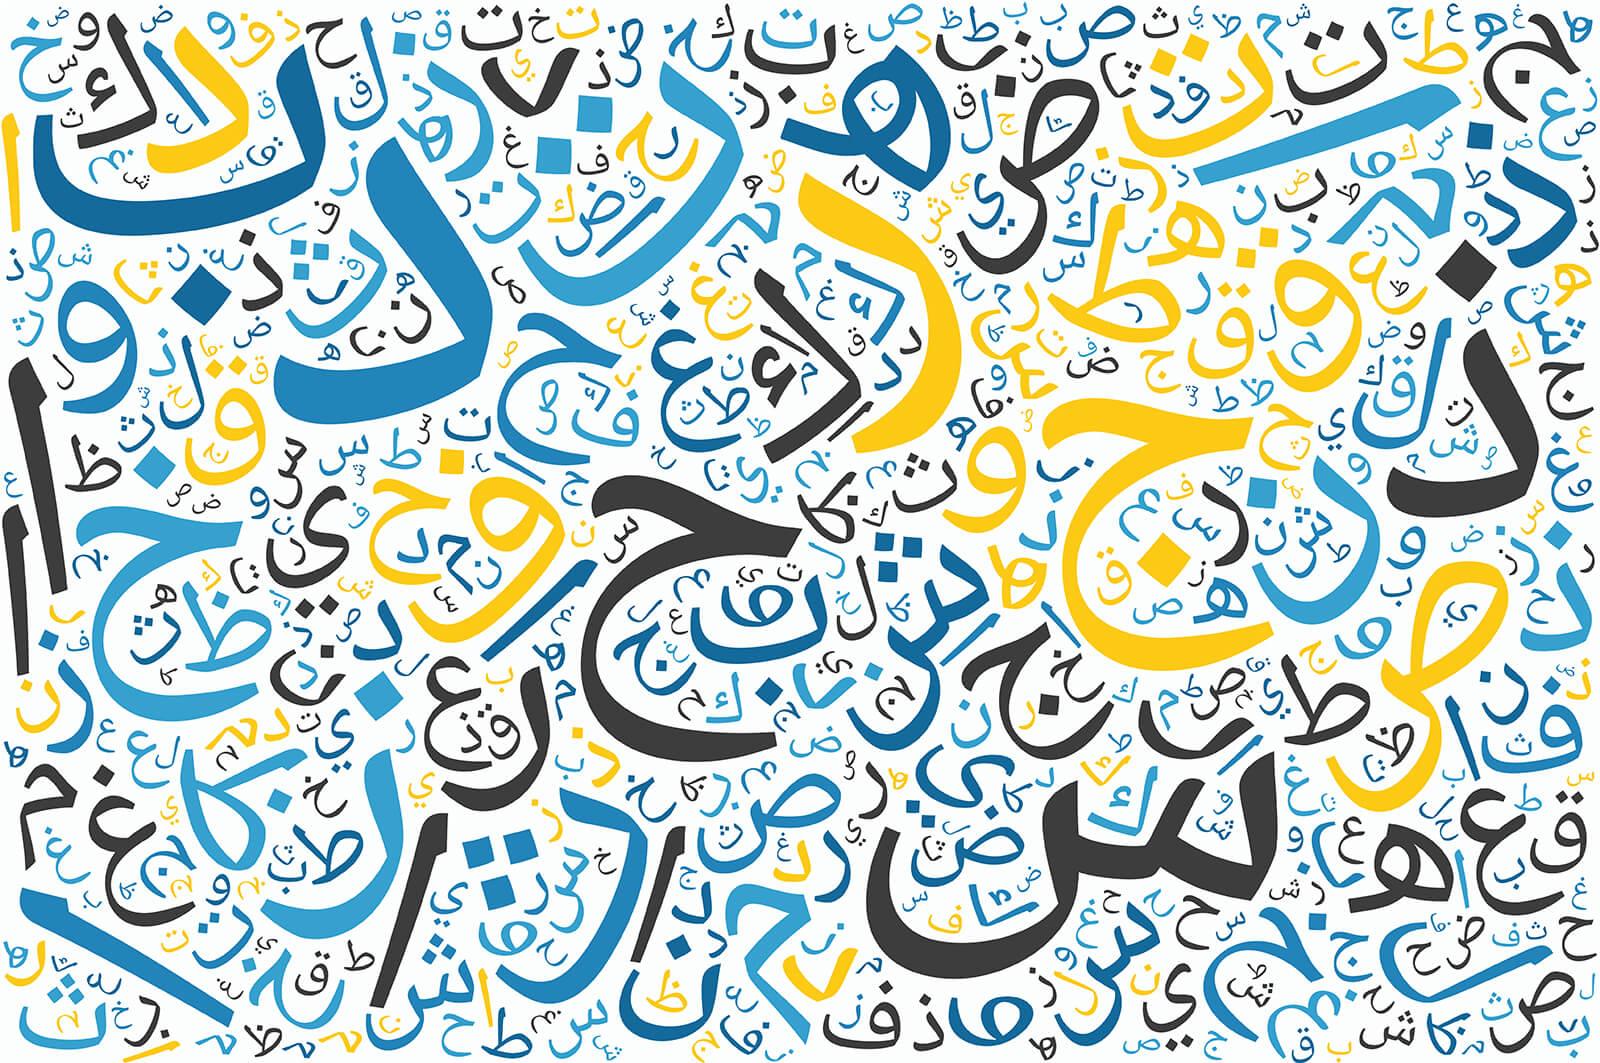 معهد تعليم اللُّغة العربية - الجامعة الإسلامية - المدينة المنورة